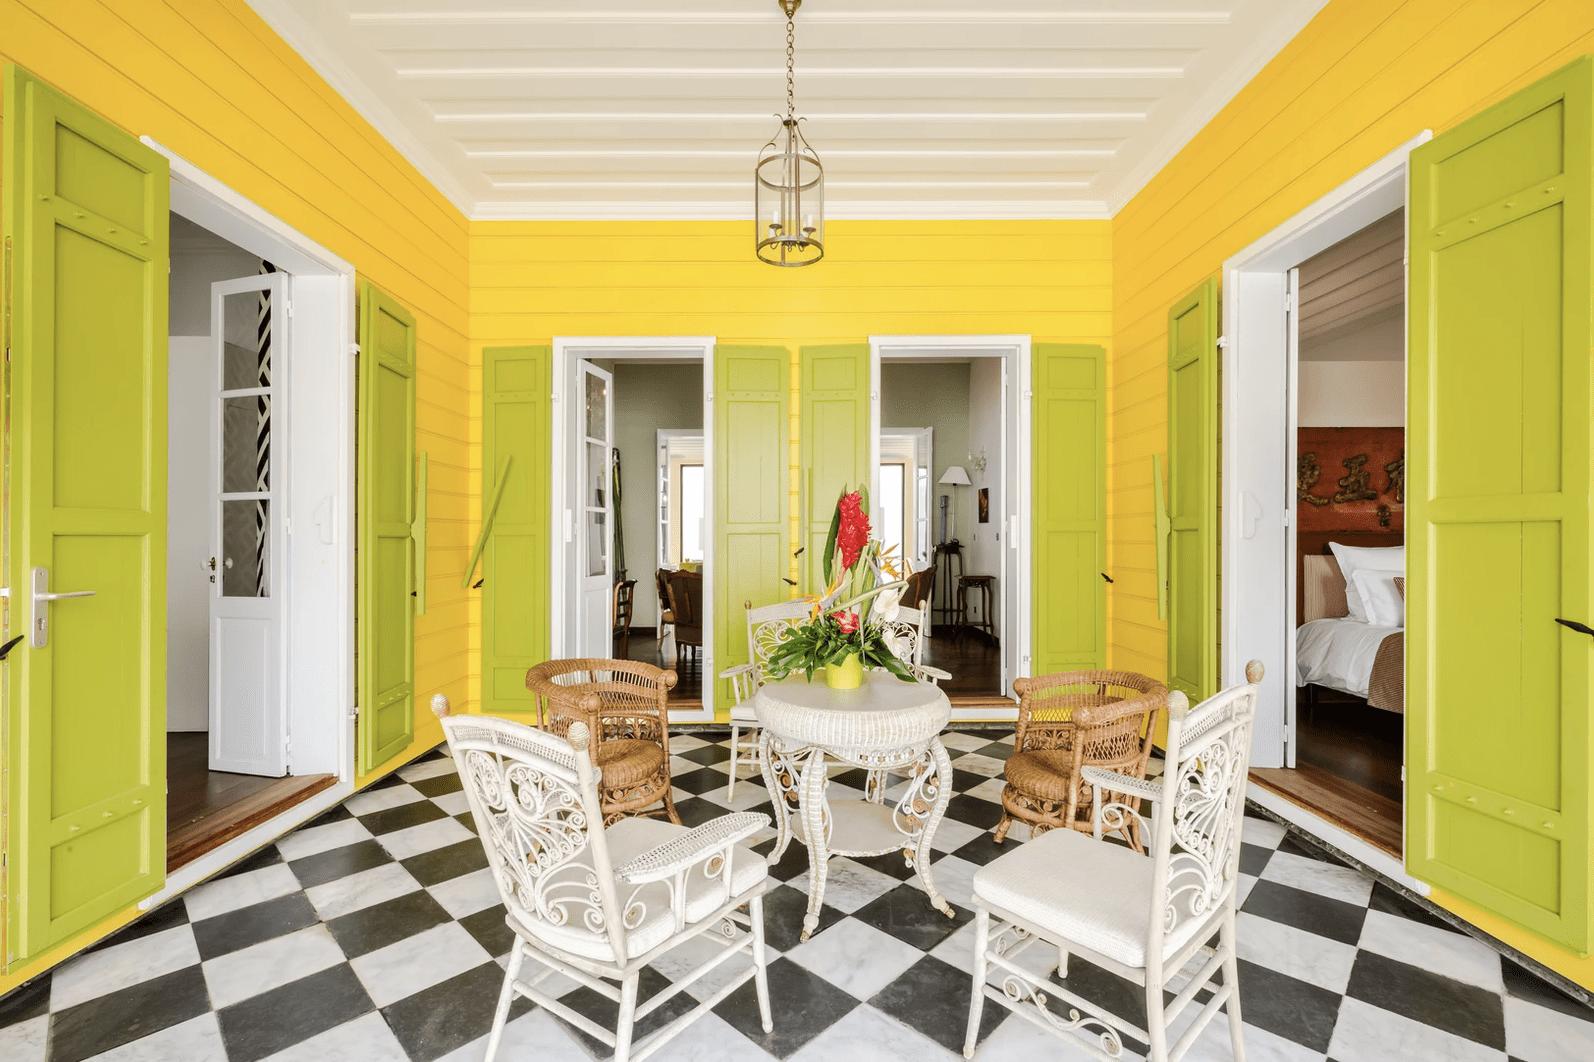 Le lieu de repos par excellence : la Villa Marie-Lucie